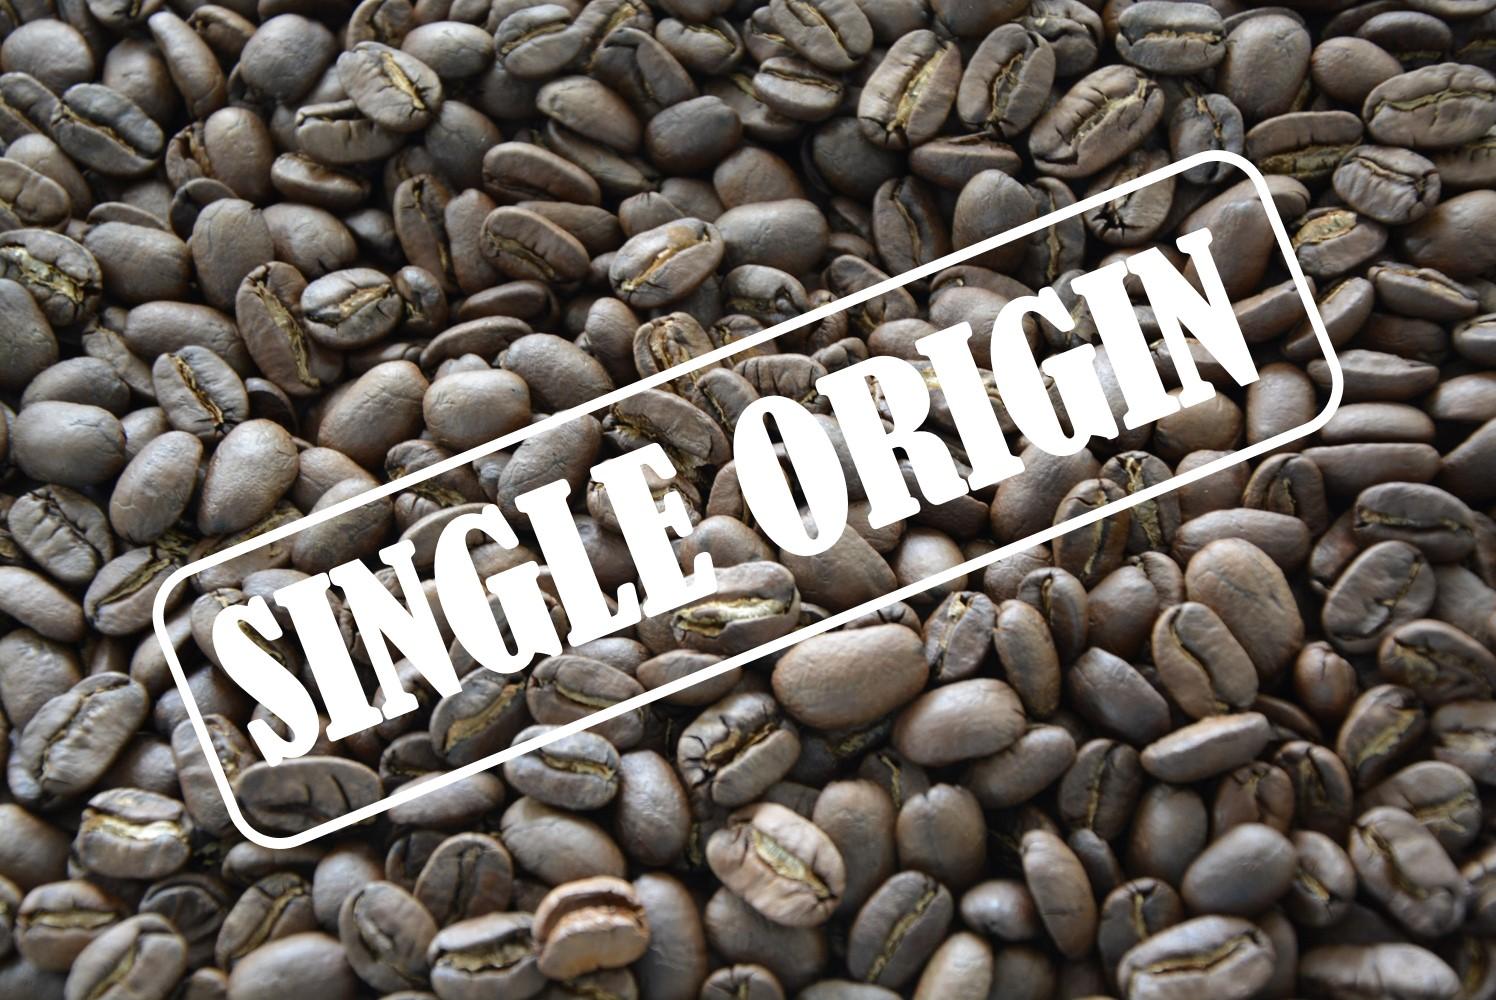 Wat Maakt Single Origin Koffie Zo Speciaal?